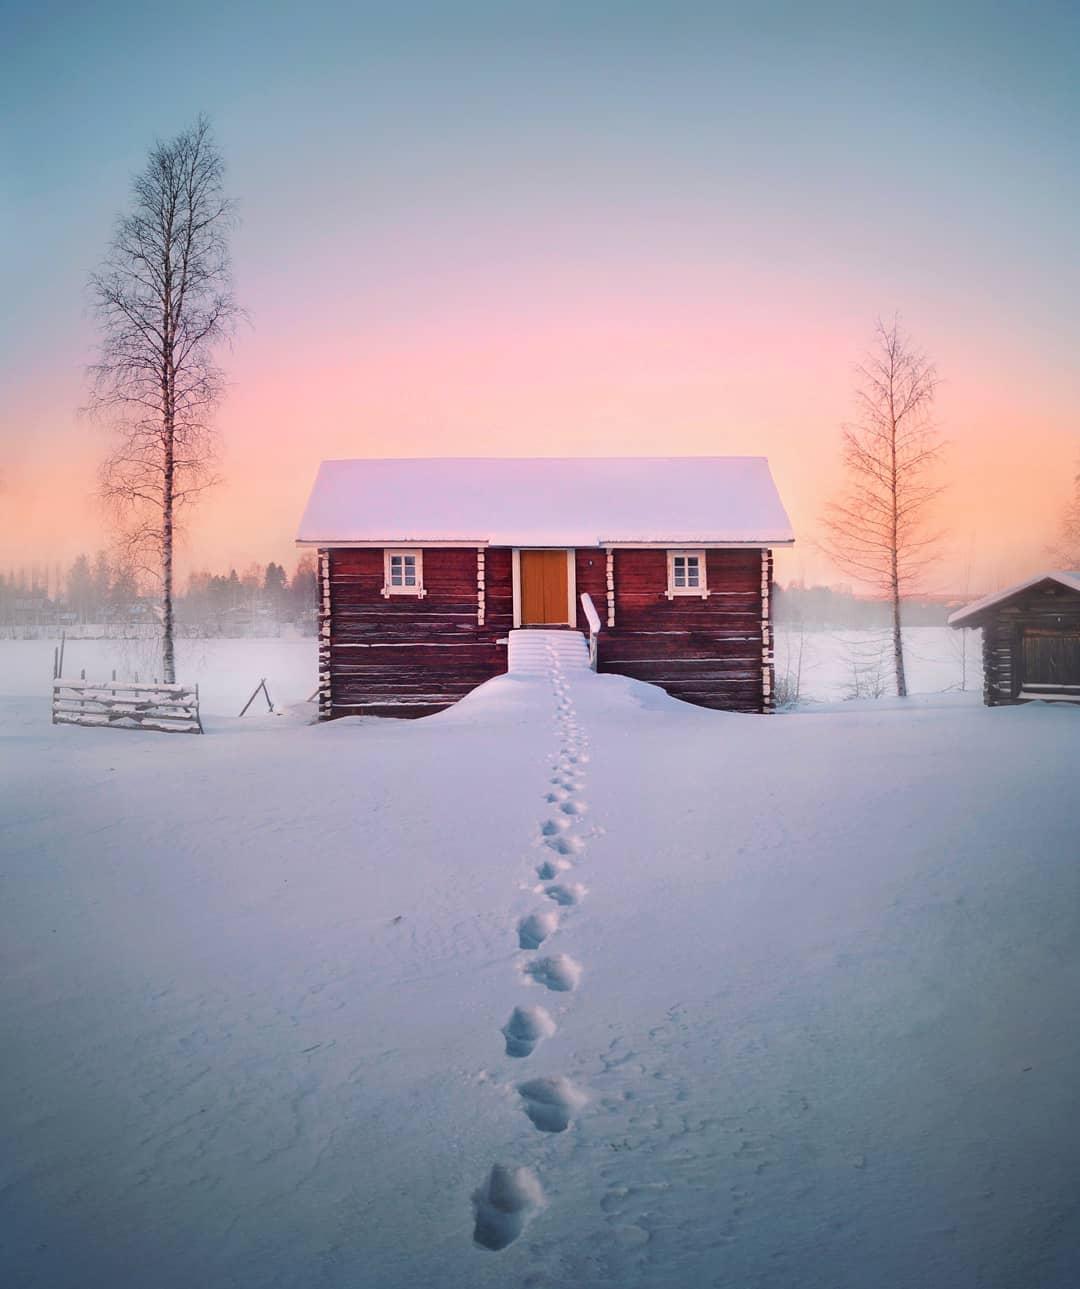 Пейзажи Финляндии на снимках Эсси Траутвейн